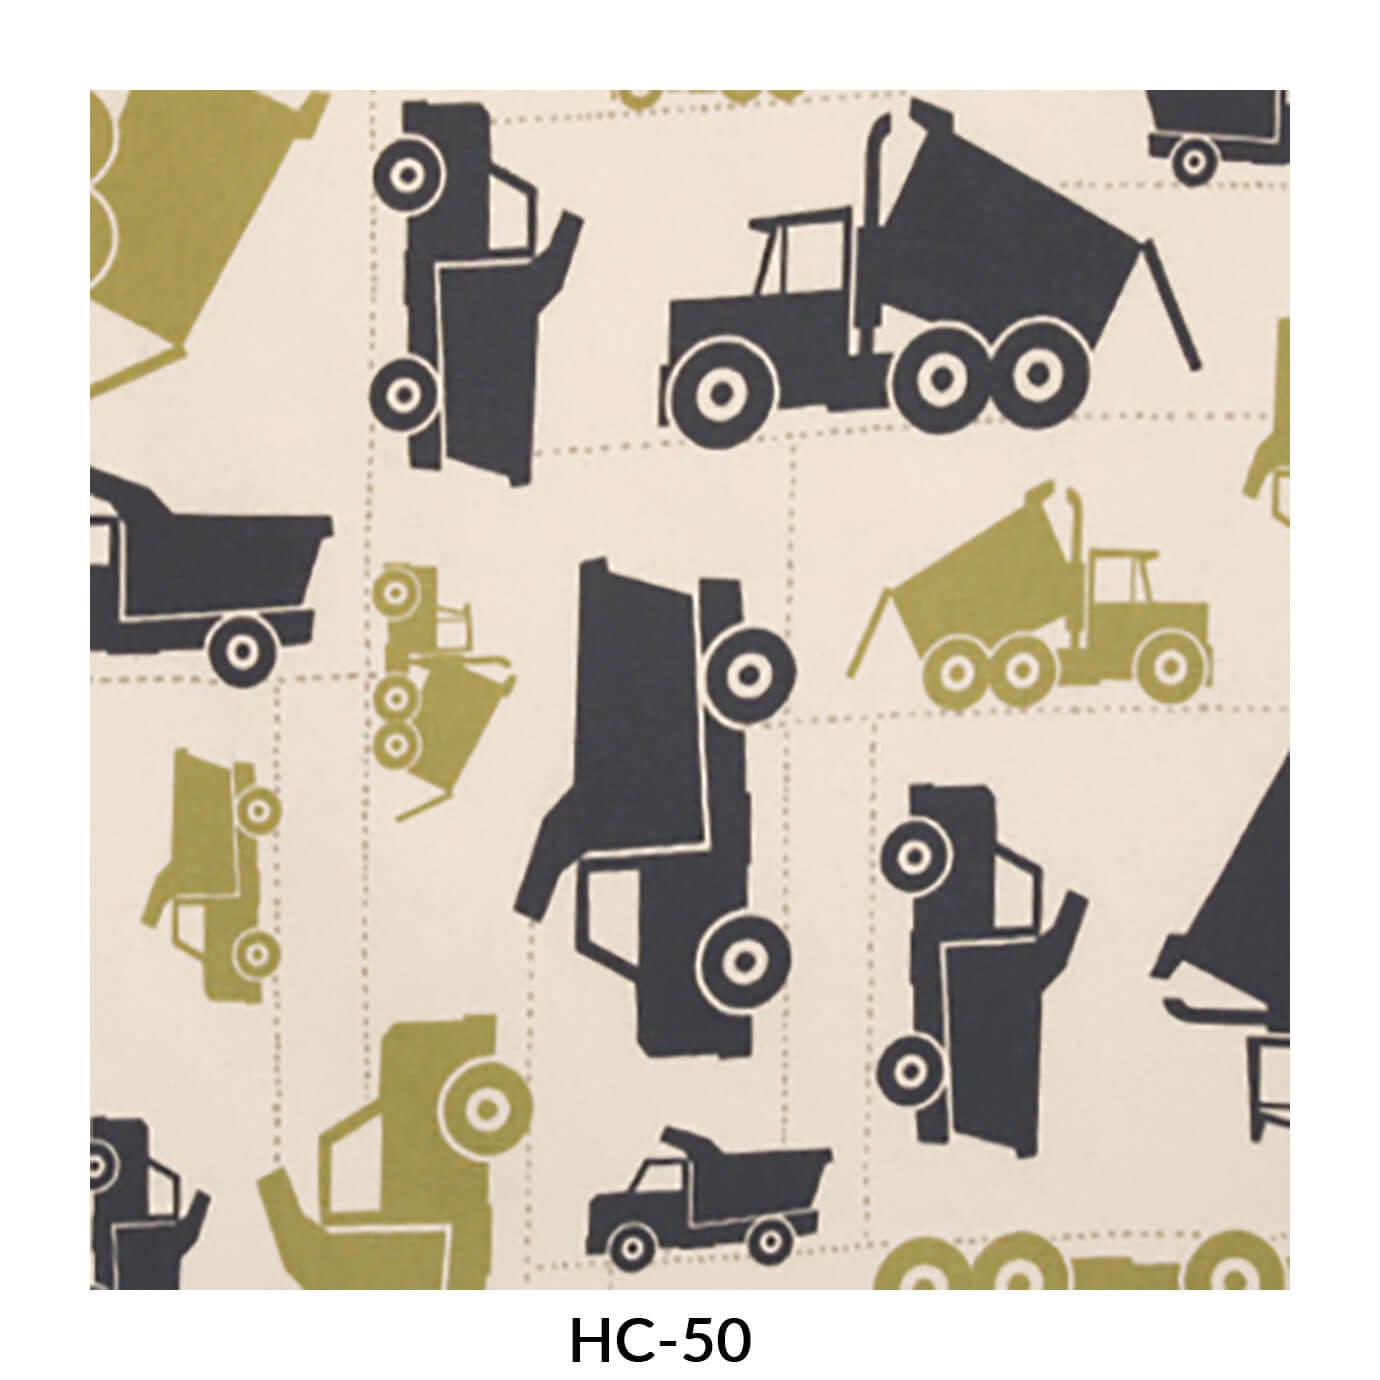 hc-50.jpg